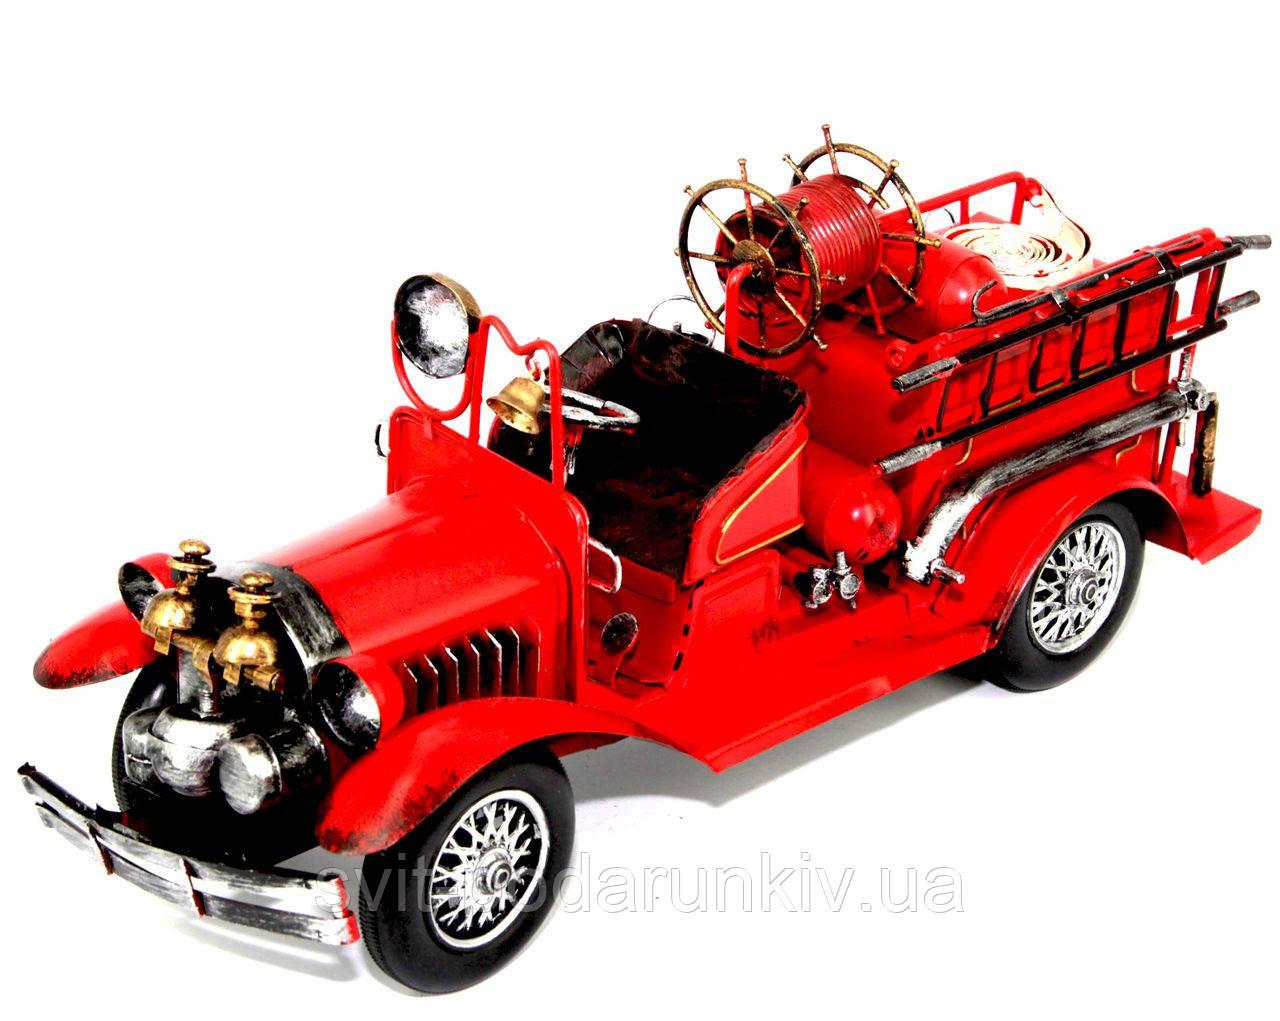 Модель старинного пожарного автомобиля 1868